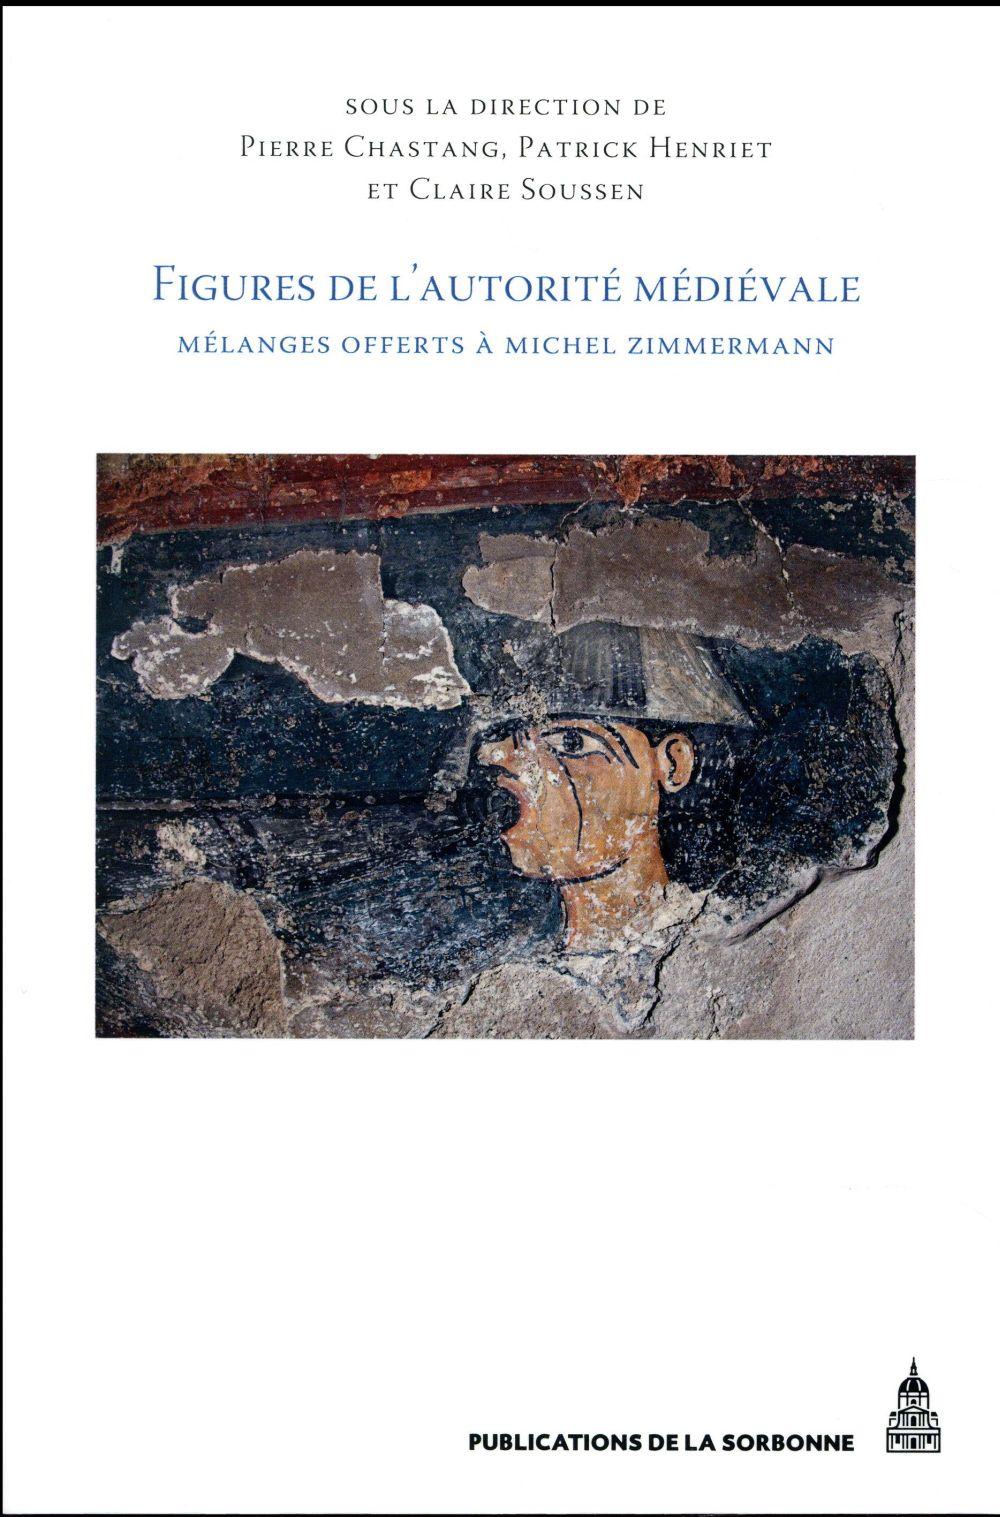 Figures de l'autorite medievale - melanges offerts a michel zimmermann